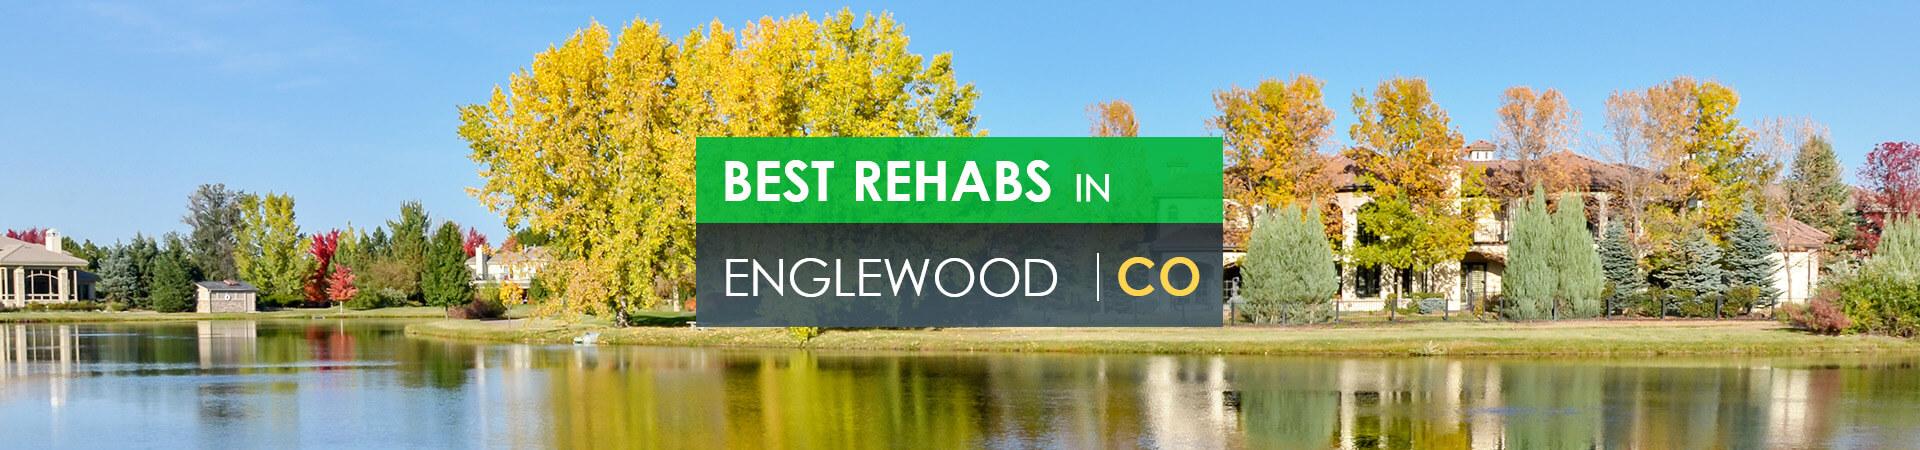 Best rehabs in Englewood, CO